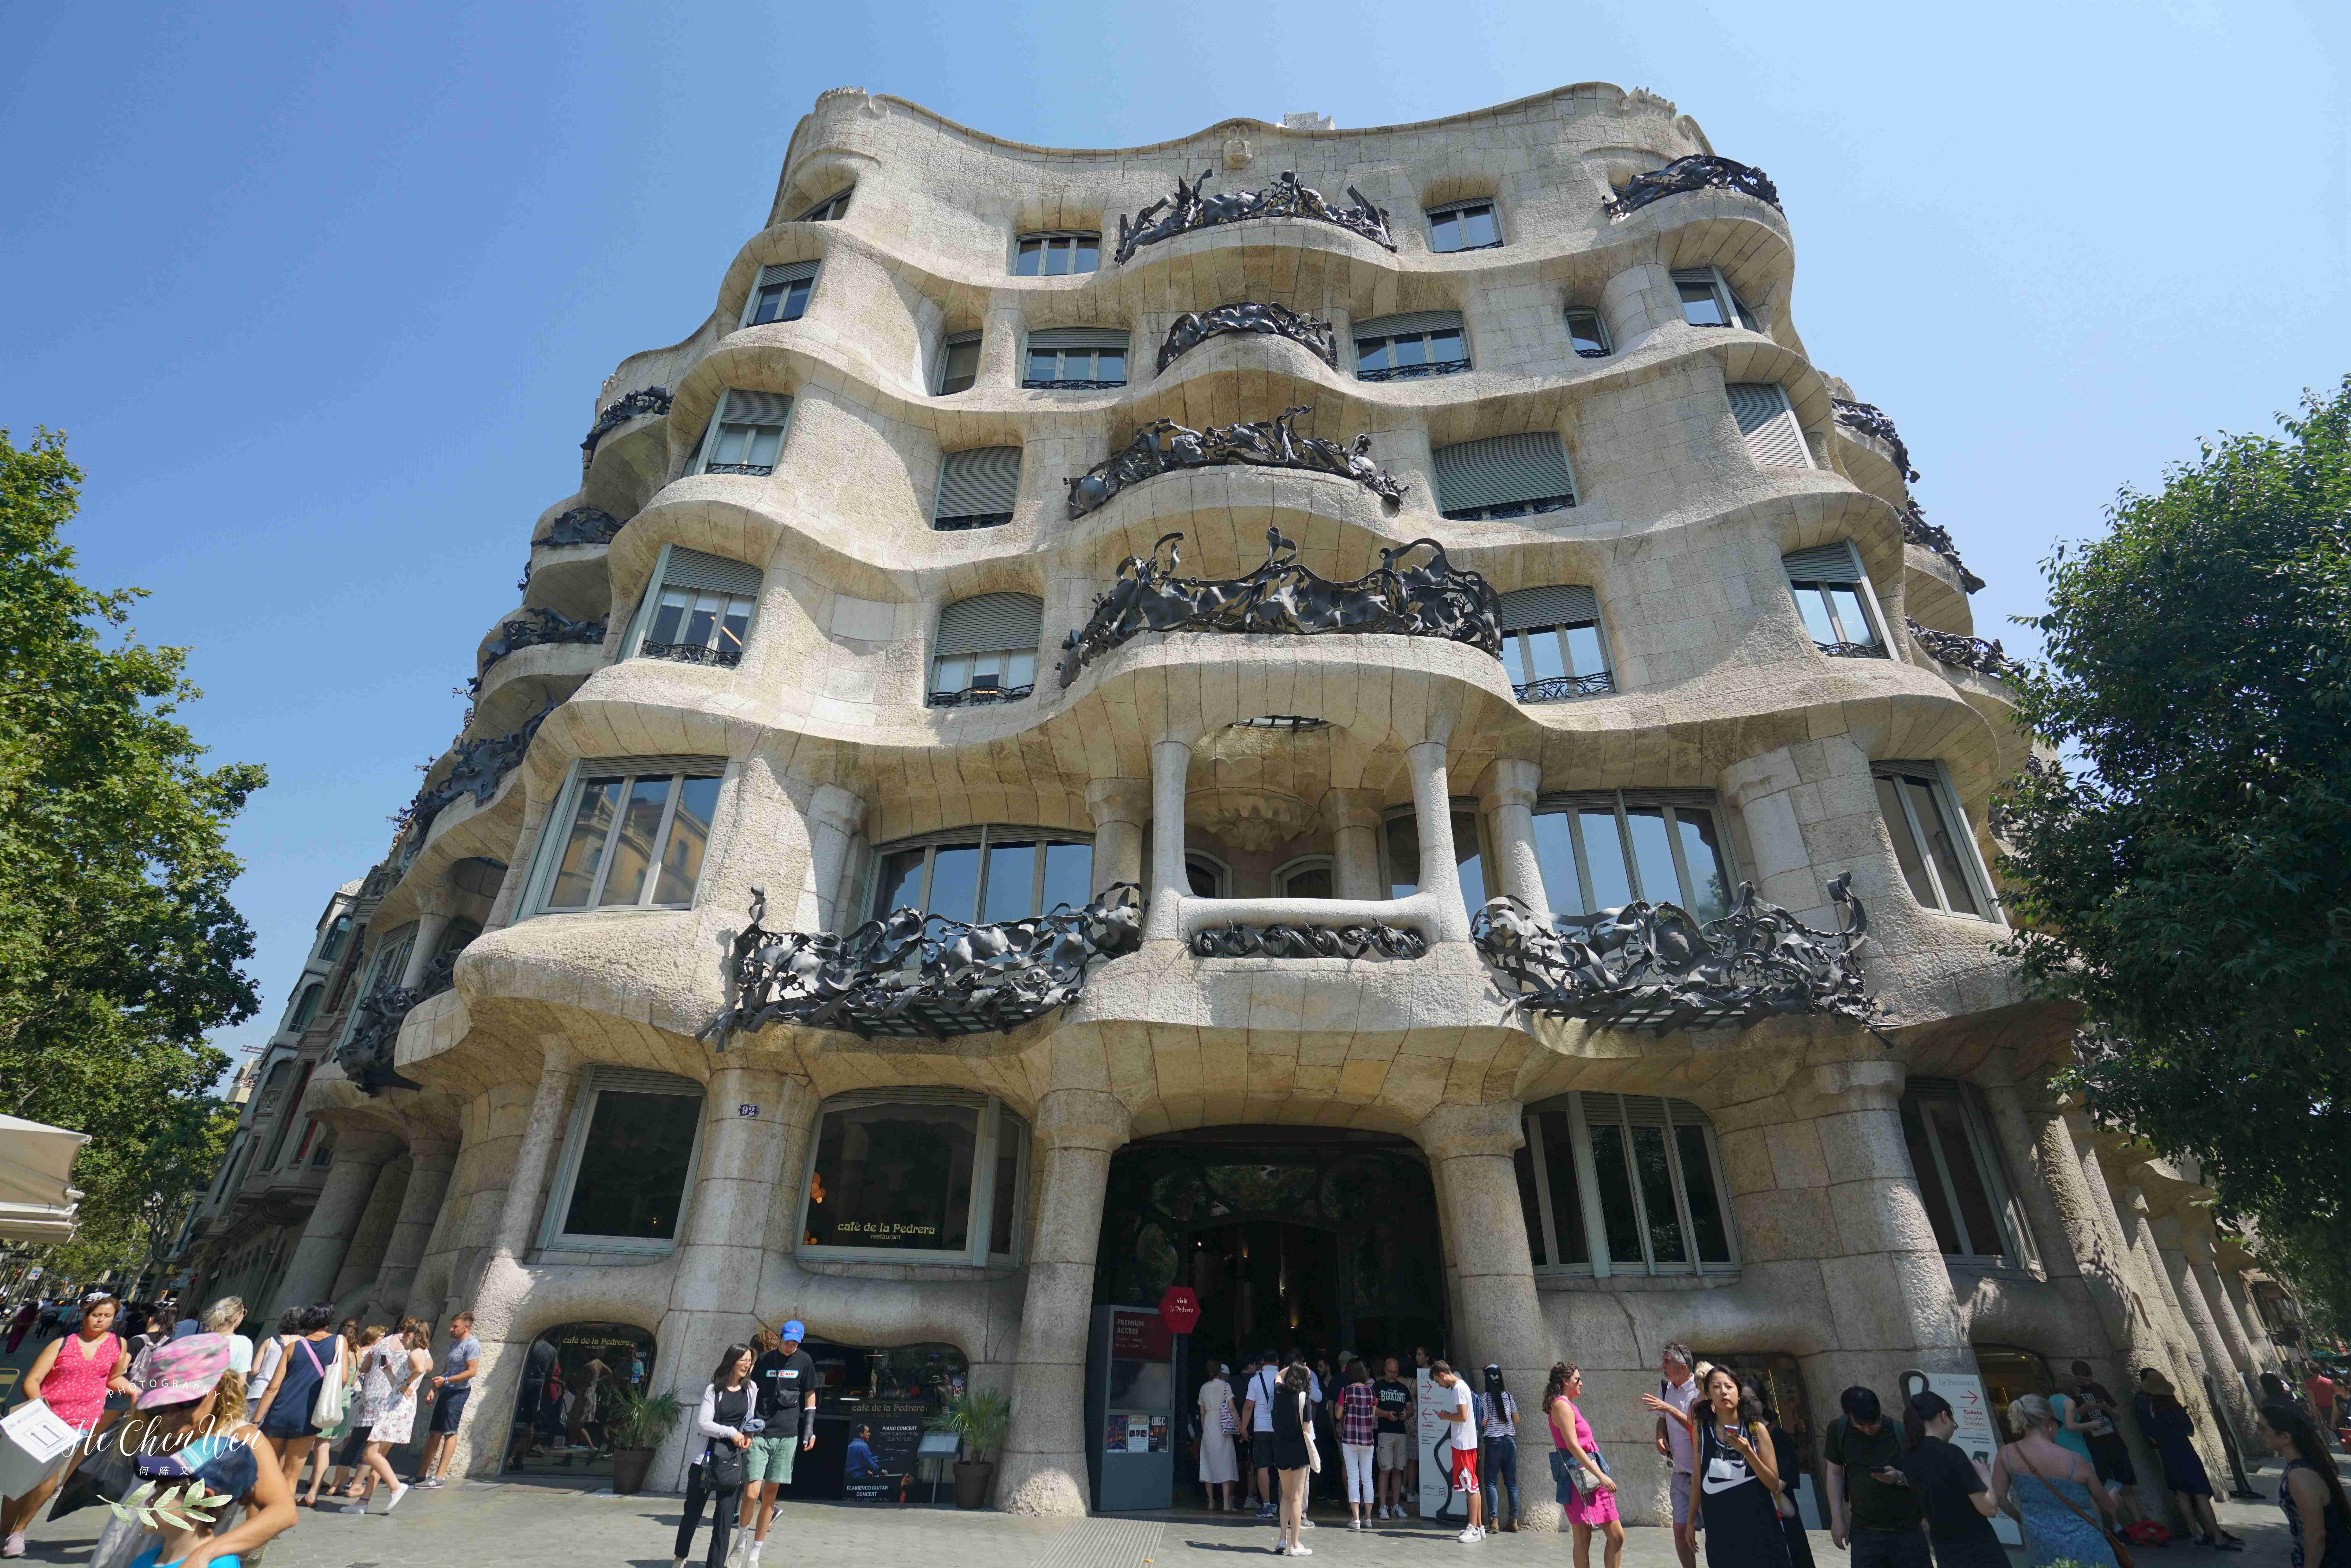 高迪最后设计的私人住宅,被称为采石场,如今却是世界文化遗产